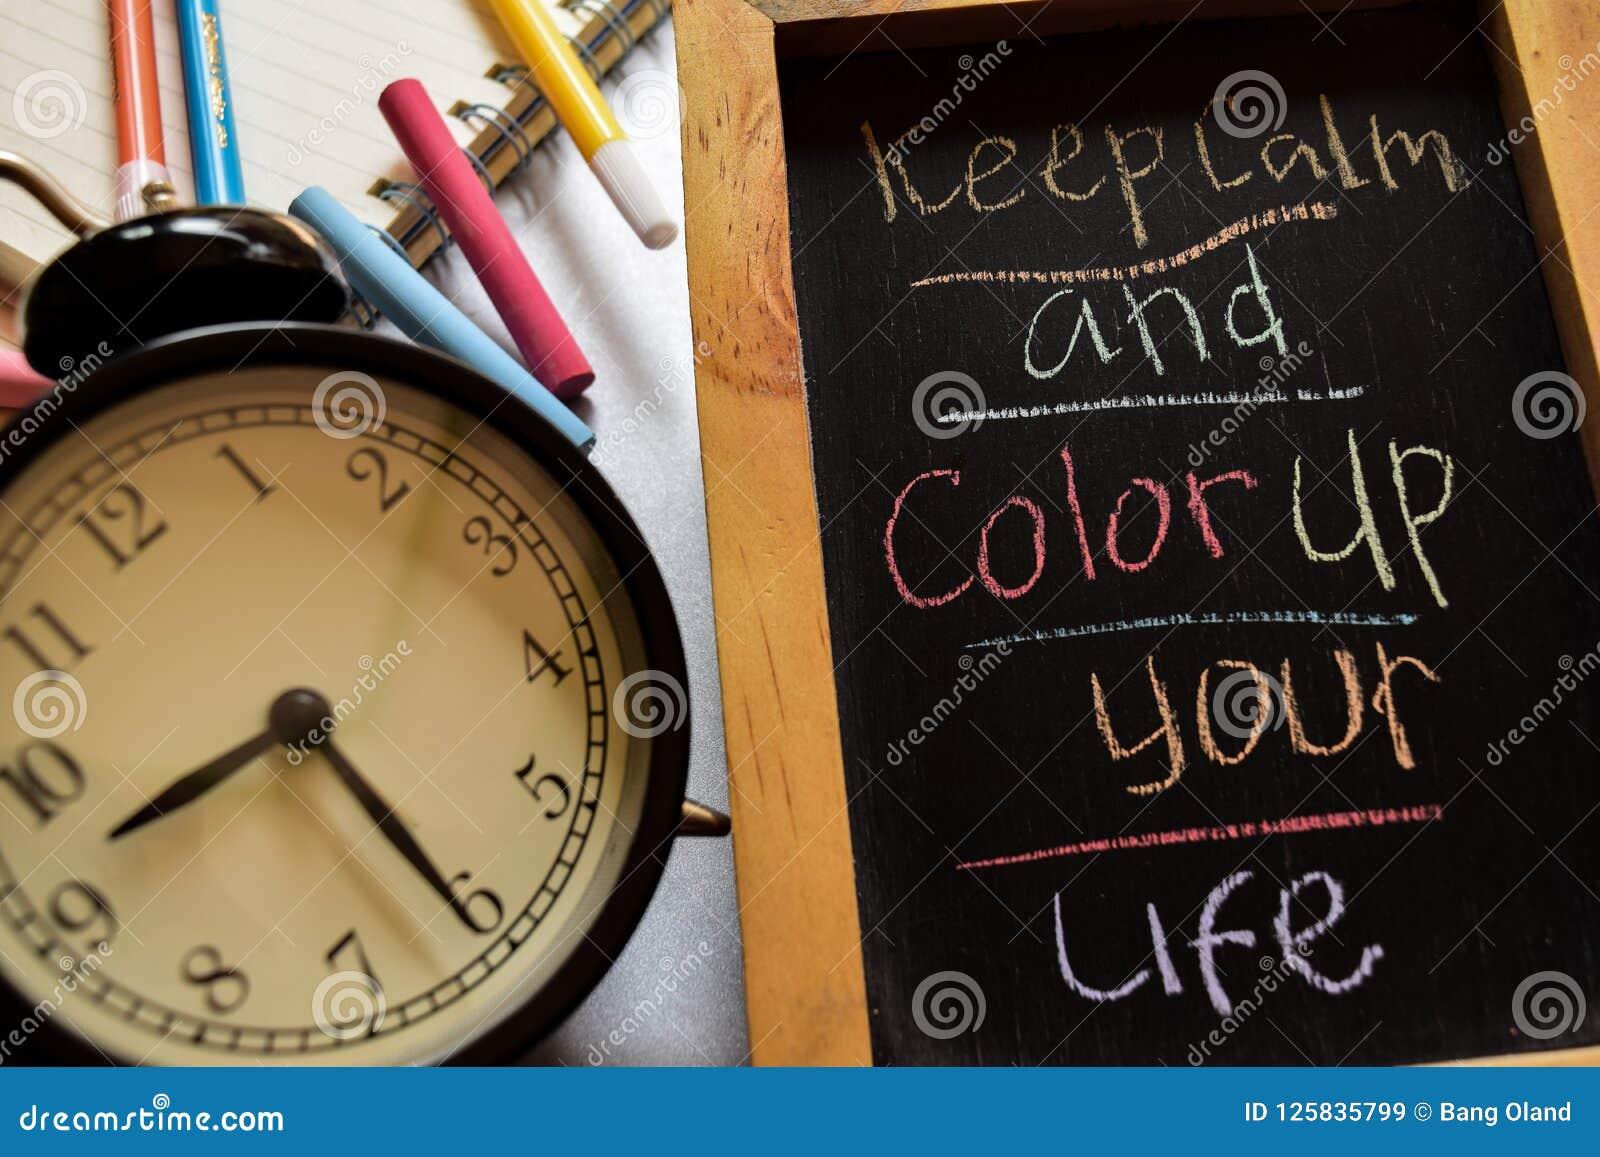 Κρατήστε ήρεμος και χρωματίστε επάνω τη ζωή σας ζωηρόχρωμο σε χειρόγραφο φράσης στον πίνακα κιμωλίας, το ξυπνητήρι με το κίνητρο